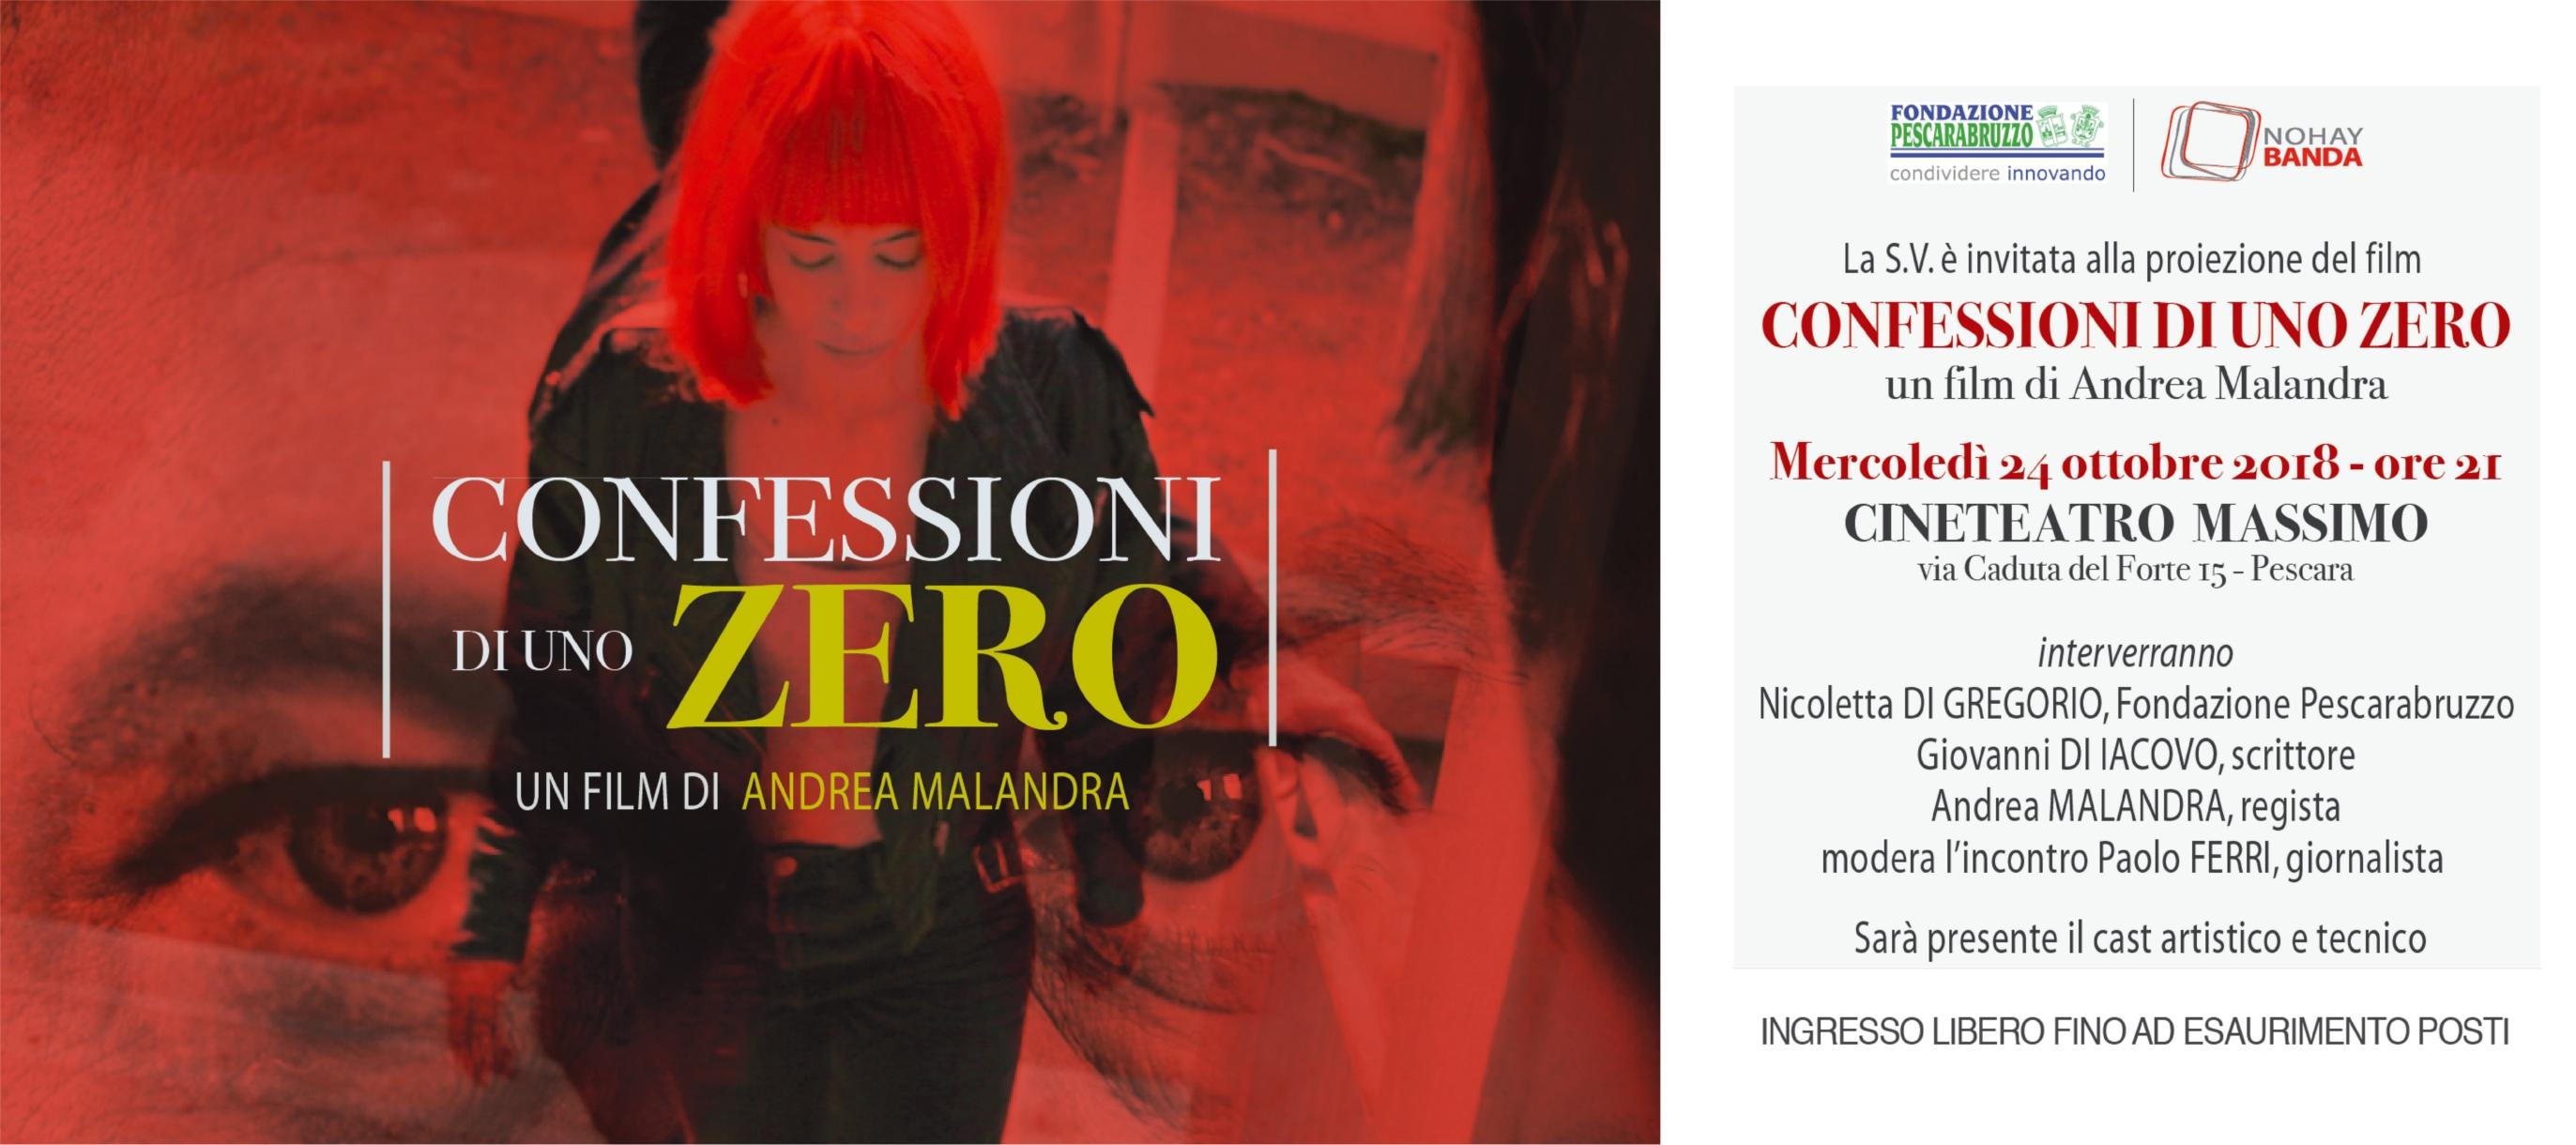 Confessioni_di_uno_zero